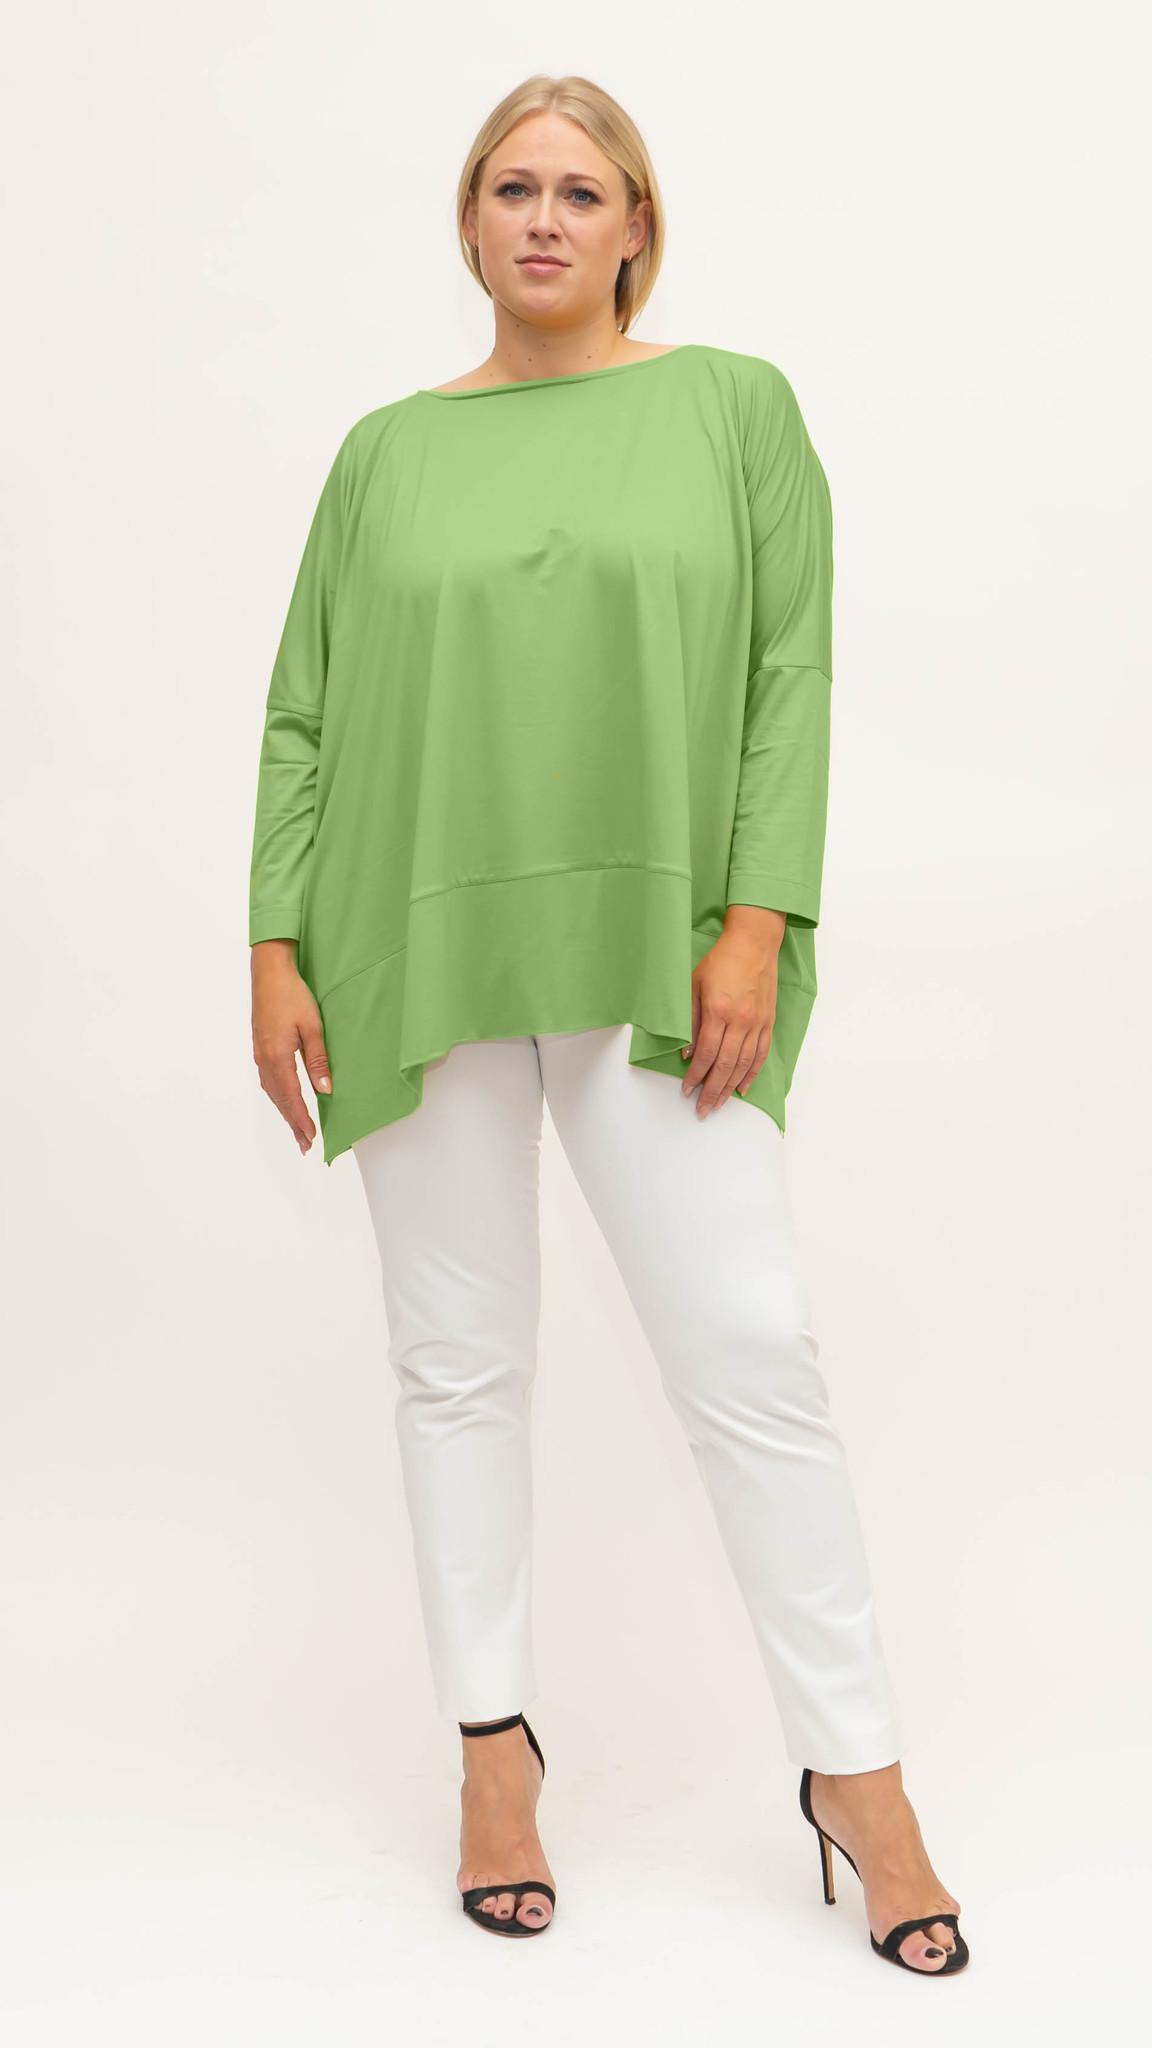 MAYA Shirt in Viscose-Jersey-5